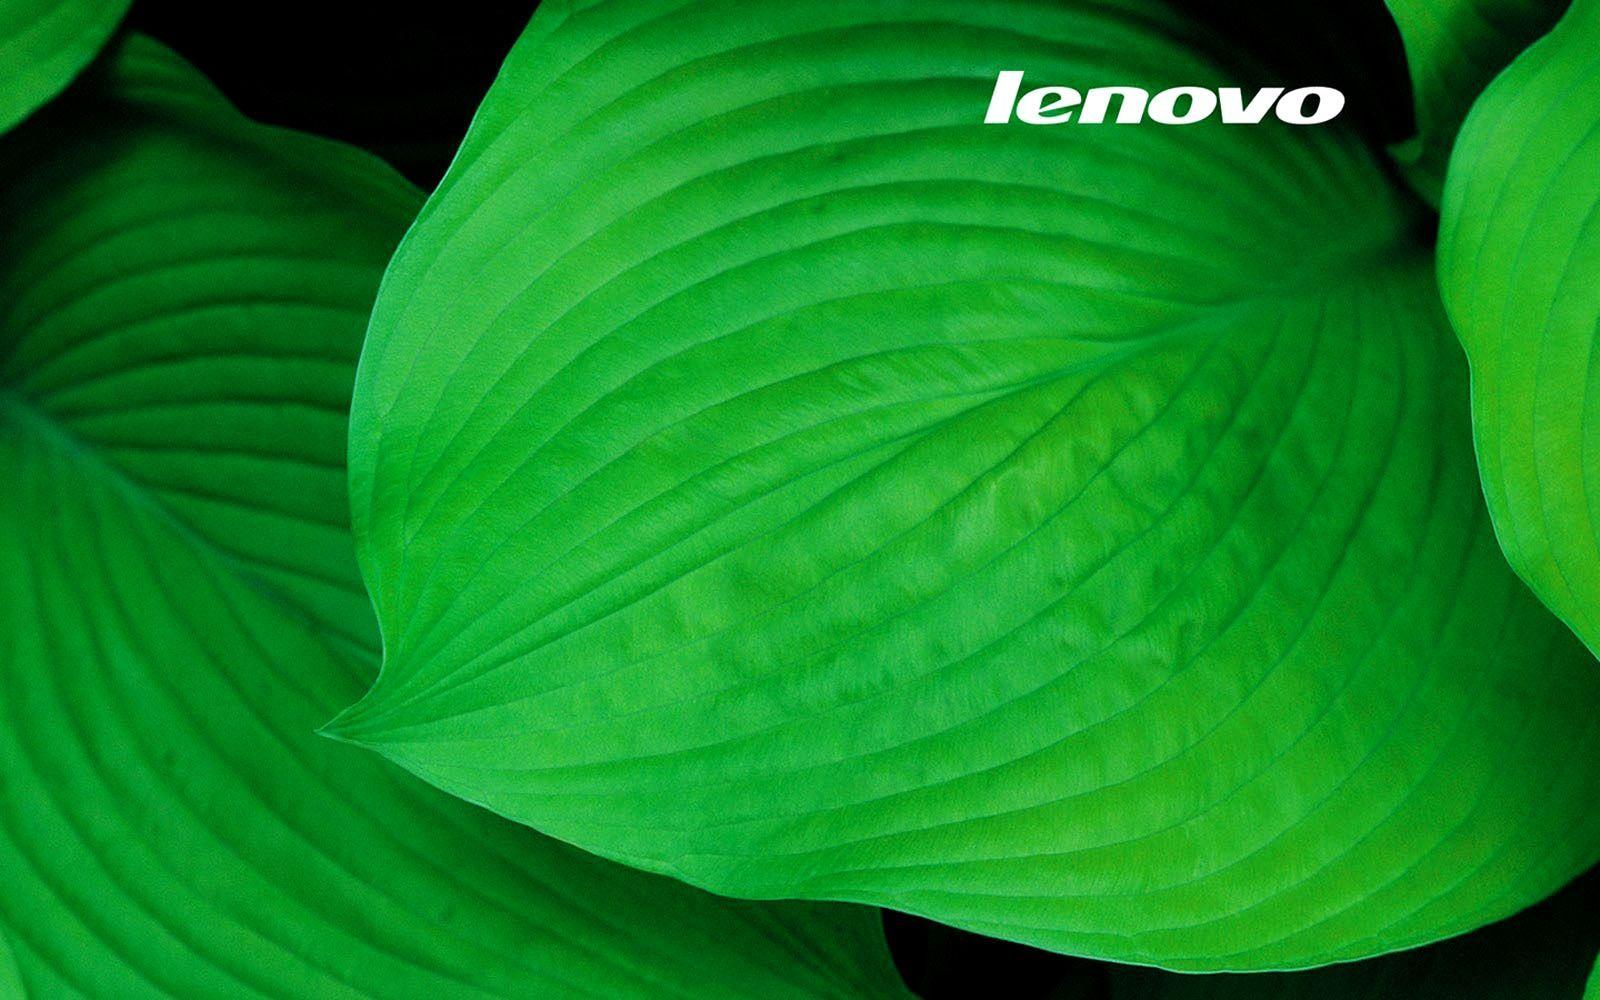 Wallpaper 4K Pc Lenovo Gallery, 3DWallpaperlaptop